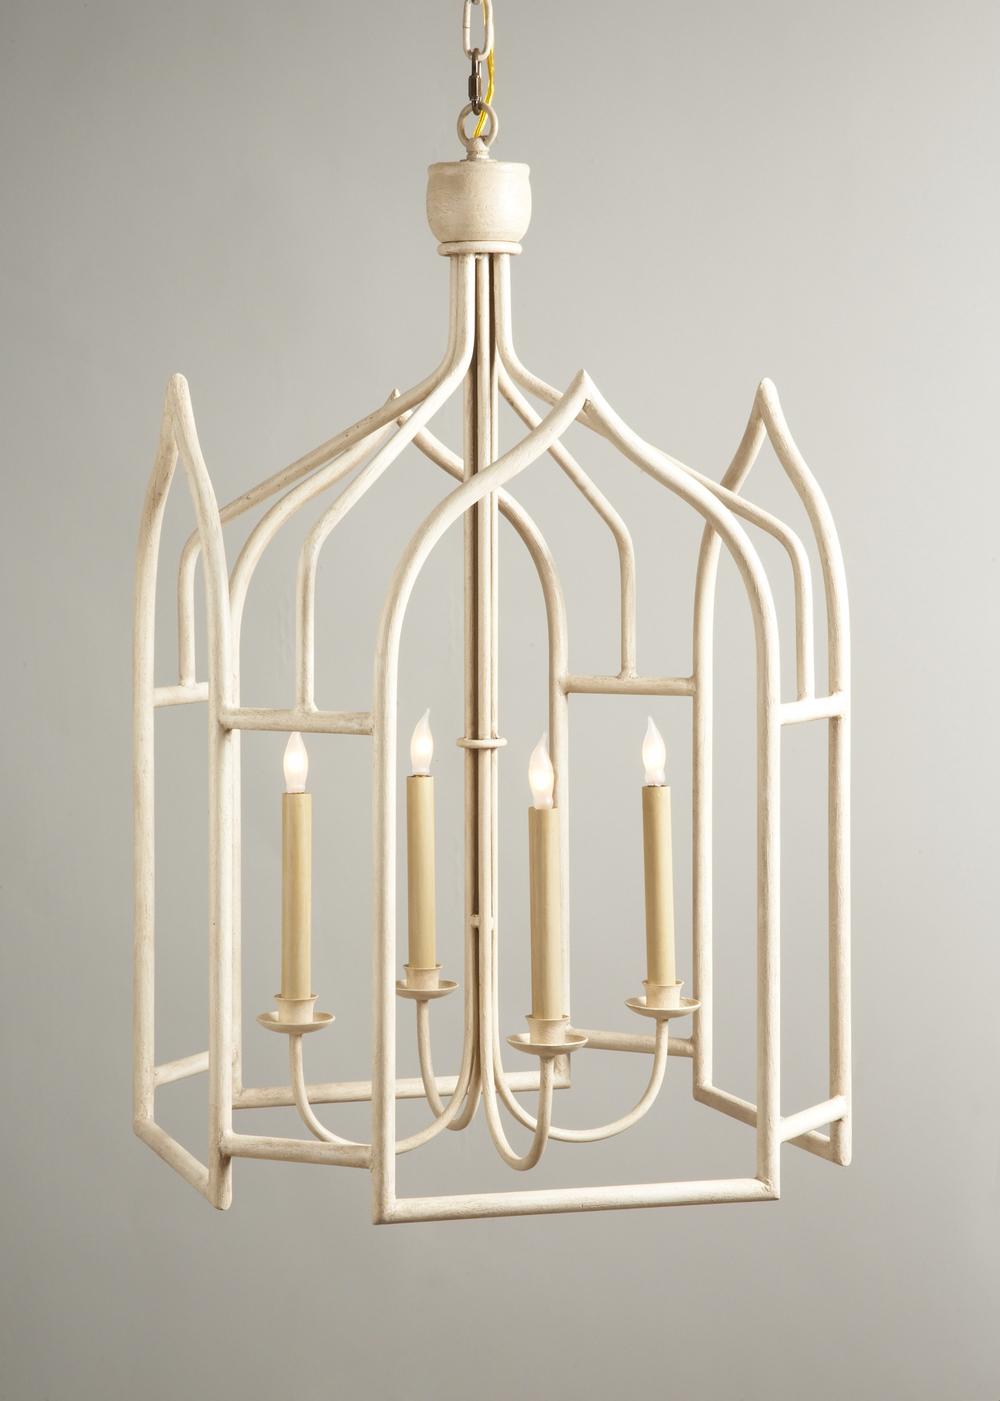 Chelsea House - Seville Lantern